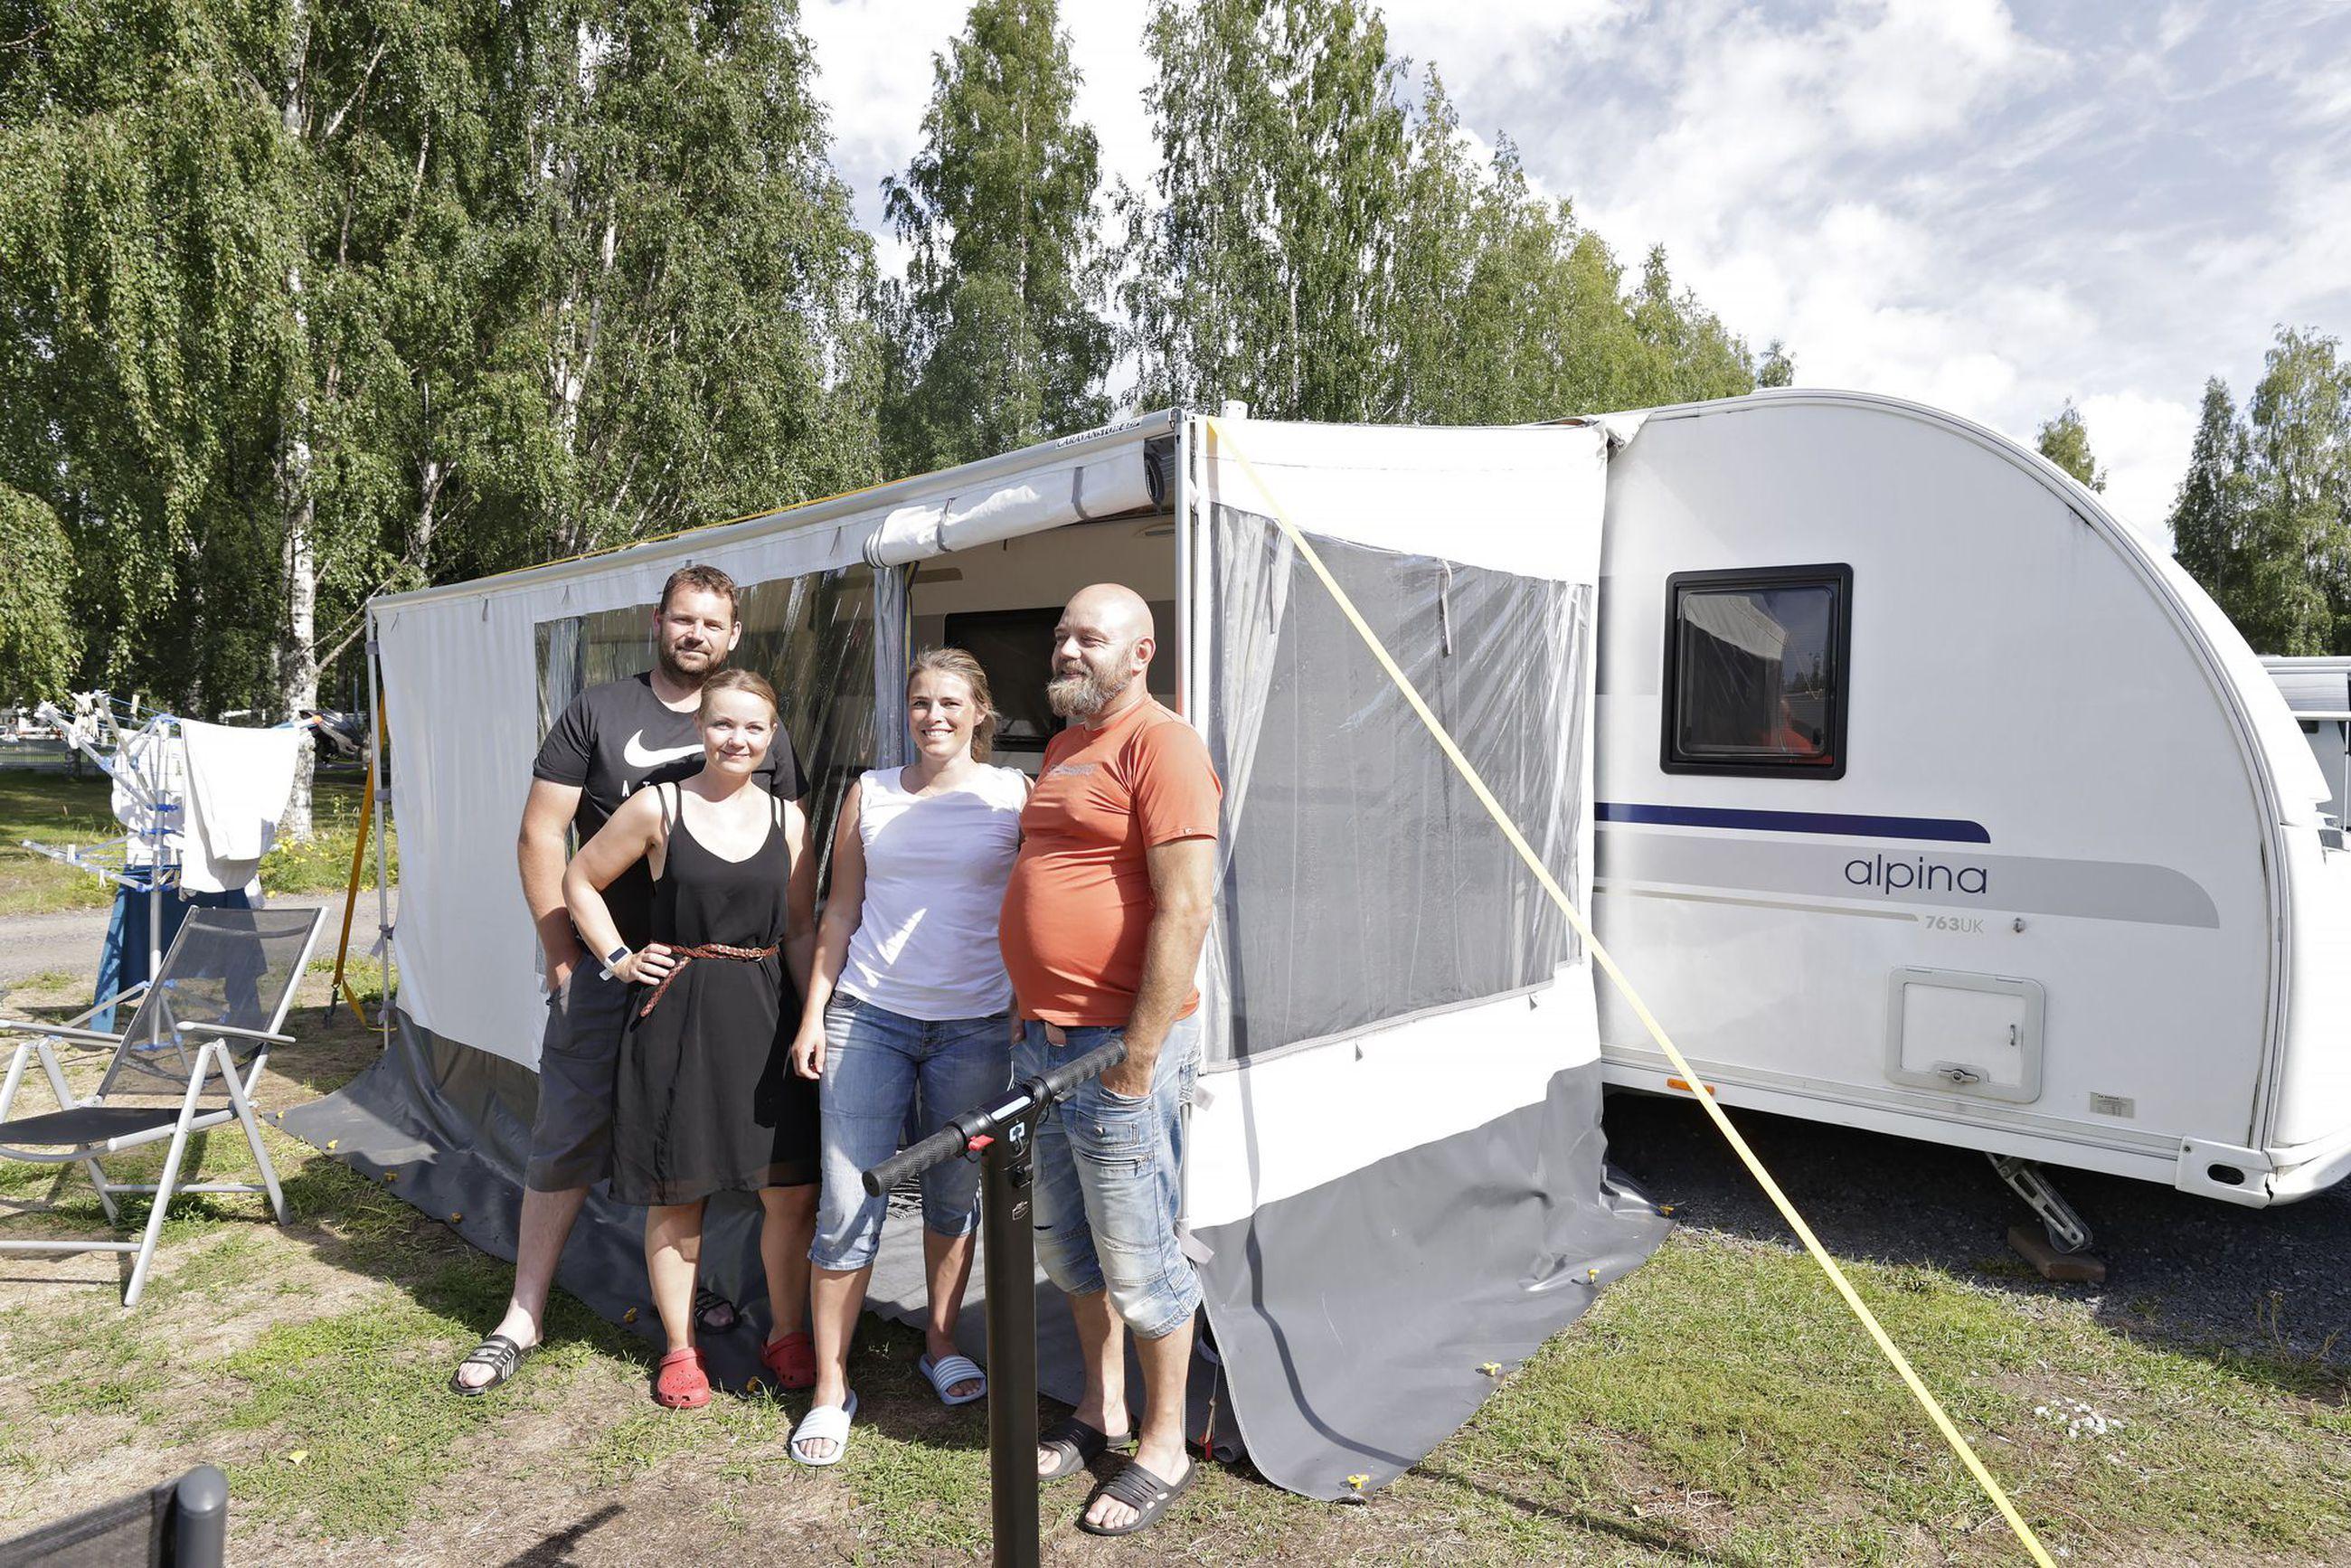 norjalaiset naiset etsii seksiseuraa odda kik seuraa panettaa